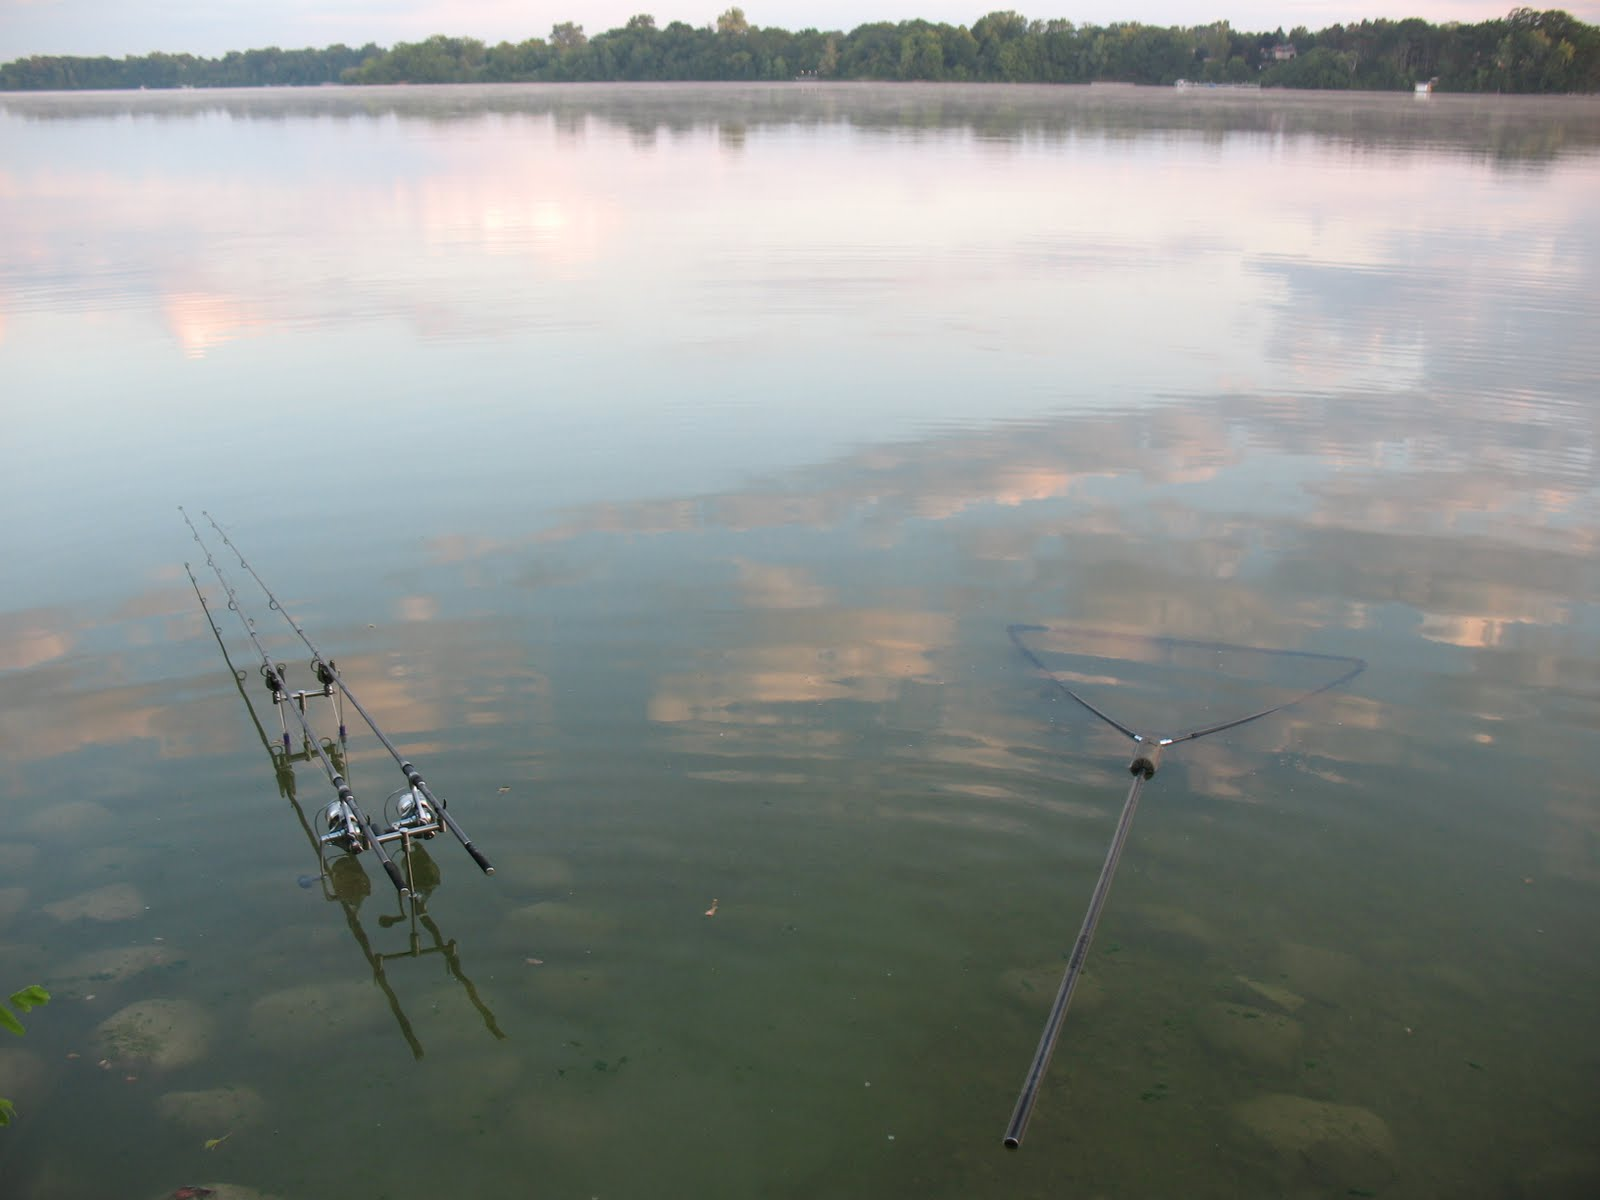 донная снасть на озере